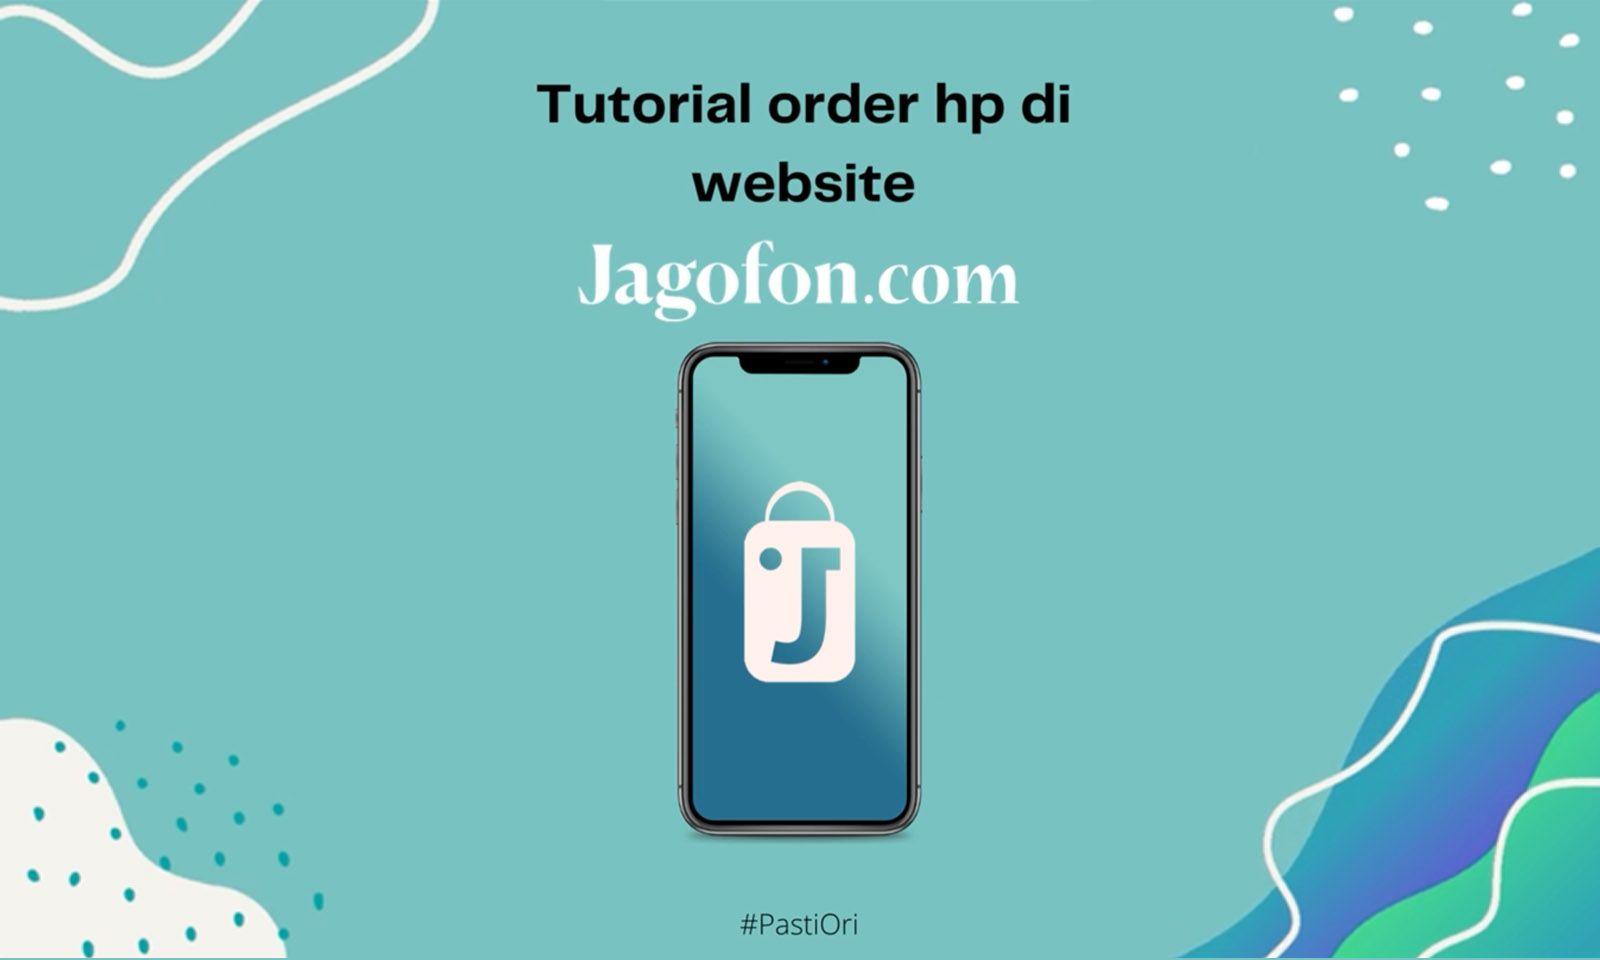 Tutorial Beli HP Di Website Jagofon